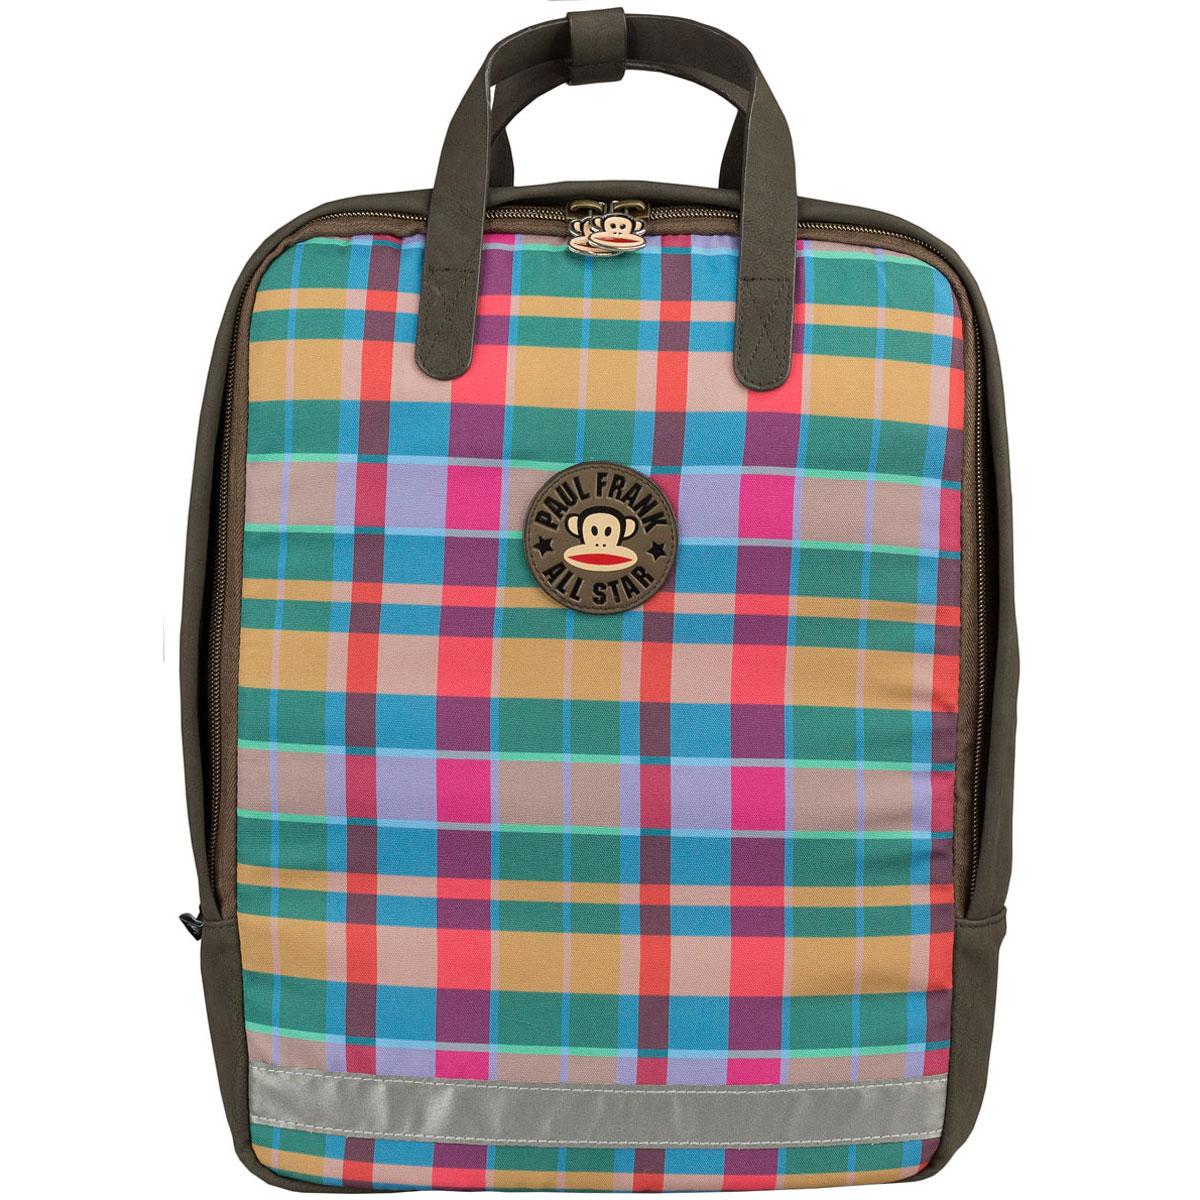 Сумка-рюкзак молодежная Paul Frank, цвет: коричневый, мультицветPFCB-UT1-615Молодежная сумка-рюкзак Paul Frank выполнена из высококачественных материалов.Содержит одно вместительное отделение на застежке-молнии с двумя бегунками. Внутри отделения находится мягкий карман для гаджетов, прорезной карман на застежке-молнии и два открытых кармашка.Дно сумки-рюкзака можно сделать жестким, разложив специальную пластиковую панель. Мягкие широкие регулируемые по длине лямки, при желании их можно убрать в специальное отделение на спинке. Фронтальная сторона изделия уплотнена поролоном. Сверху сумка-рюкзак оснащена петлей для подвешивания и двумя ручками для переноски в руке, а с помощью фиксатора на кнопке их можно соединить в одну. Светоотражающие элементы обеспечивают дополнительную безопасность в темное время суток.Такую сумку-рюкзак можно использовать для повседневных прогулок, отдыха и спорта, а также как элемент вашего имиджа.Рекомендуемый возраст: от 13 лет.